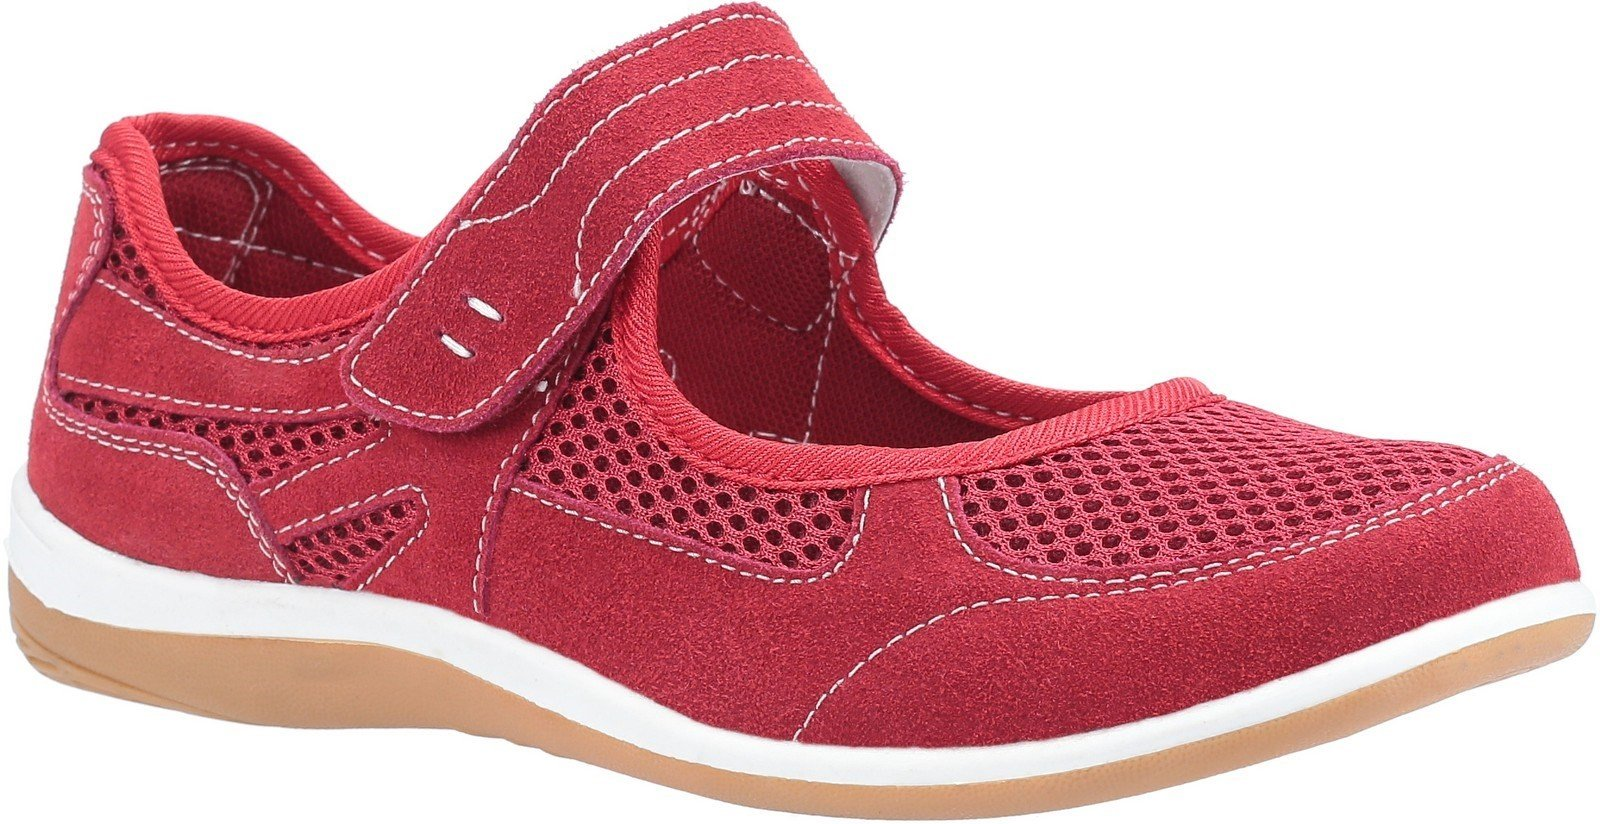 Fleet & Foster Women's Morgan Touch Slip on Sandal Various Colours 30110-51113 - Red 3